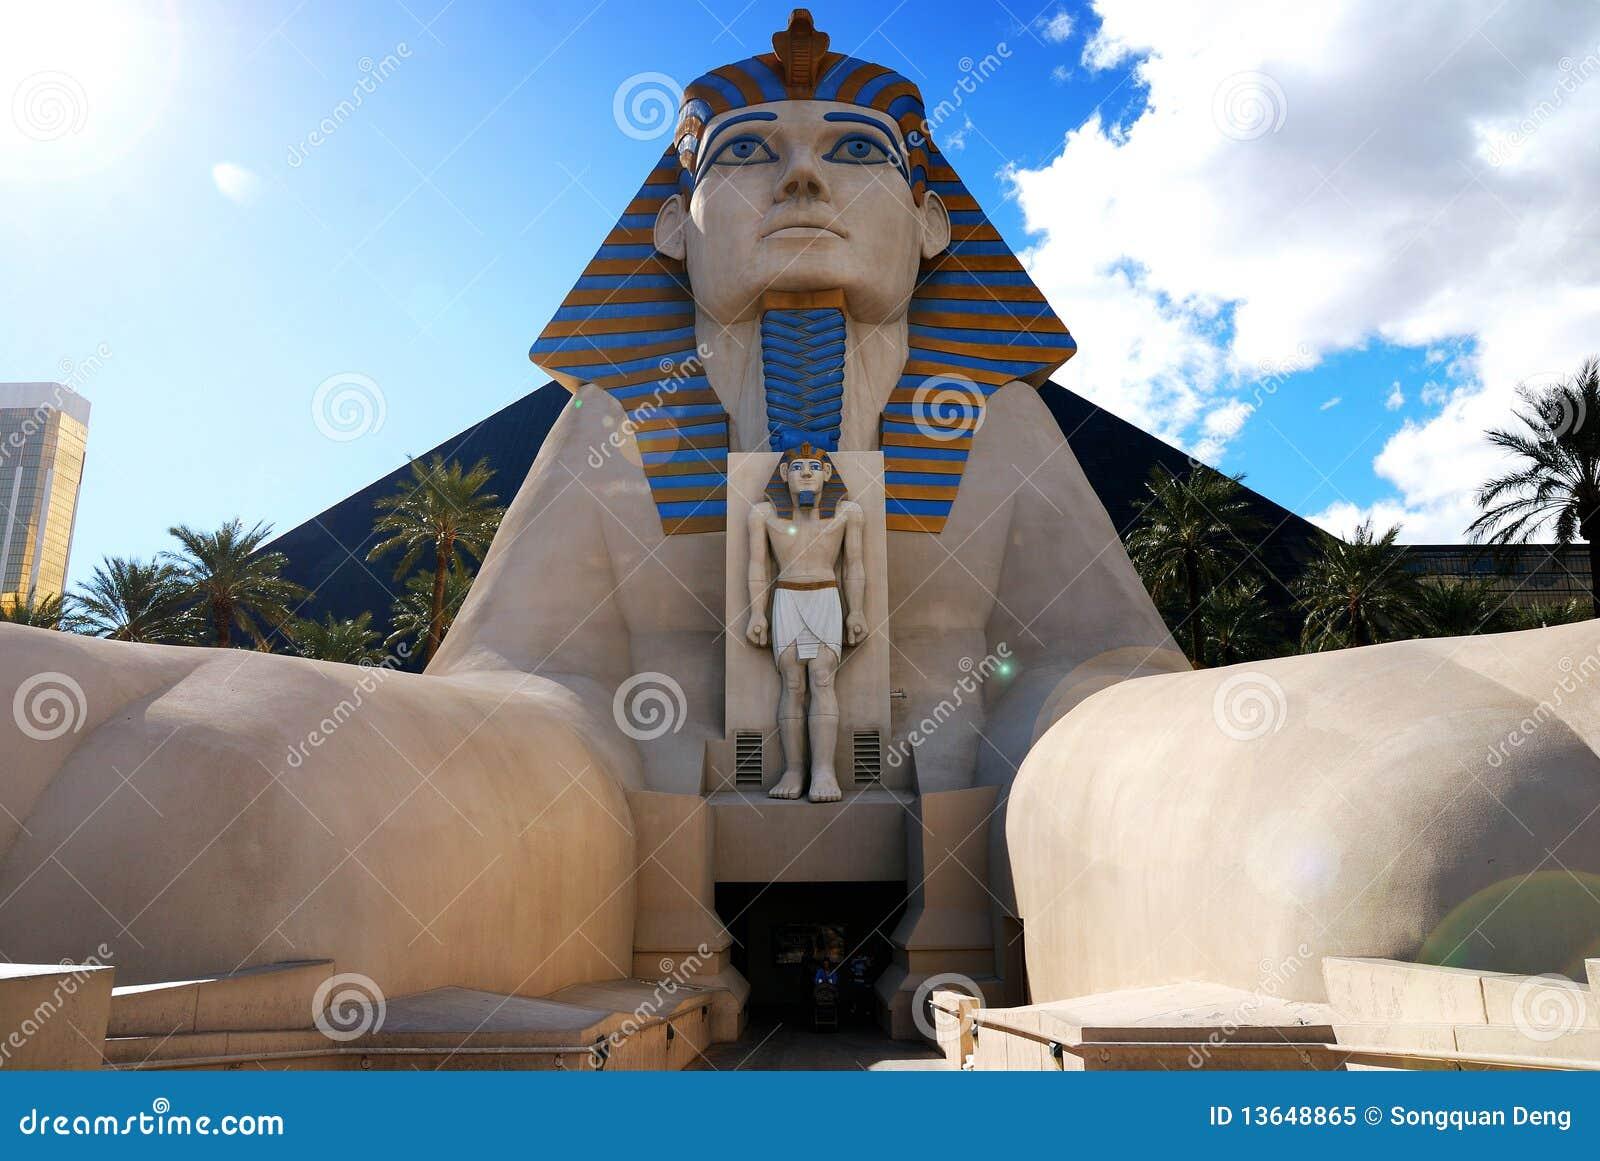 Sphinx Statue Luxor Hotel Las Vegas Editorial Image